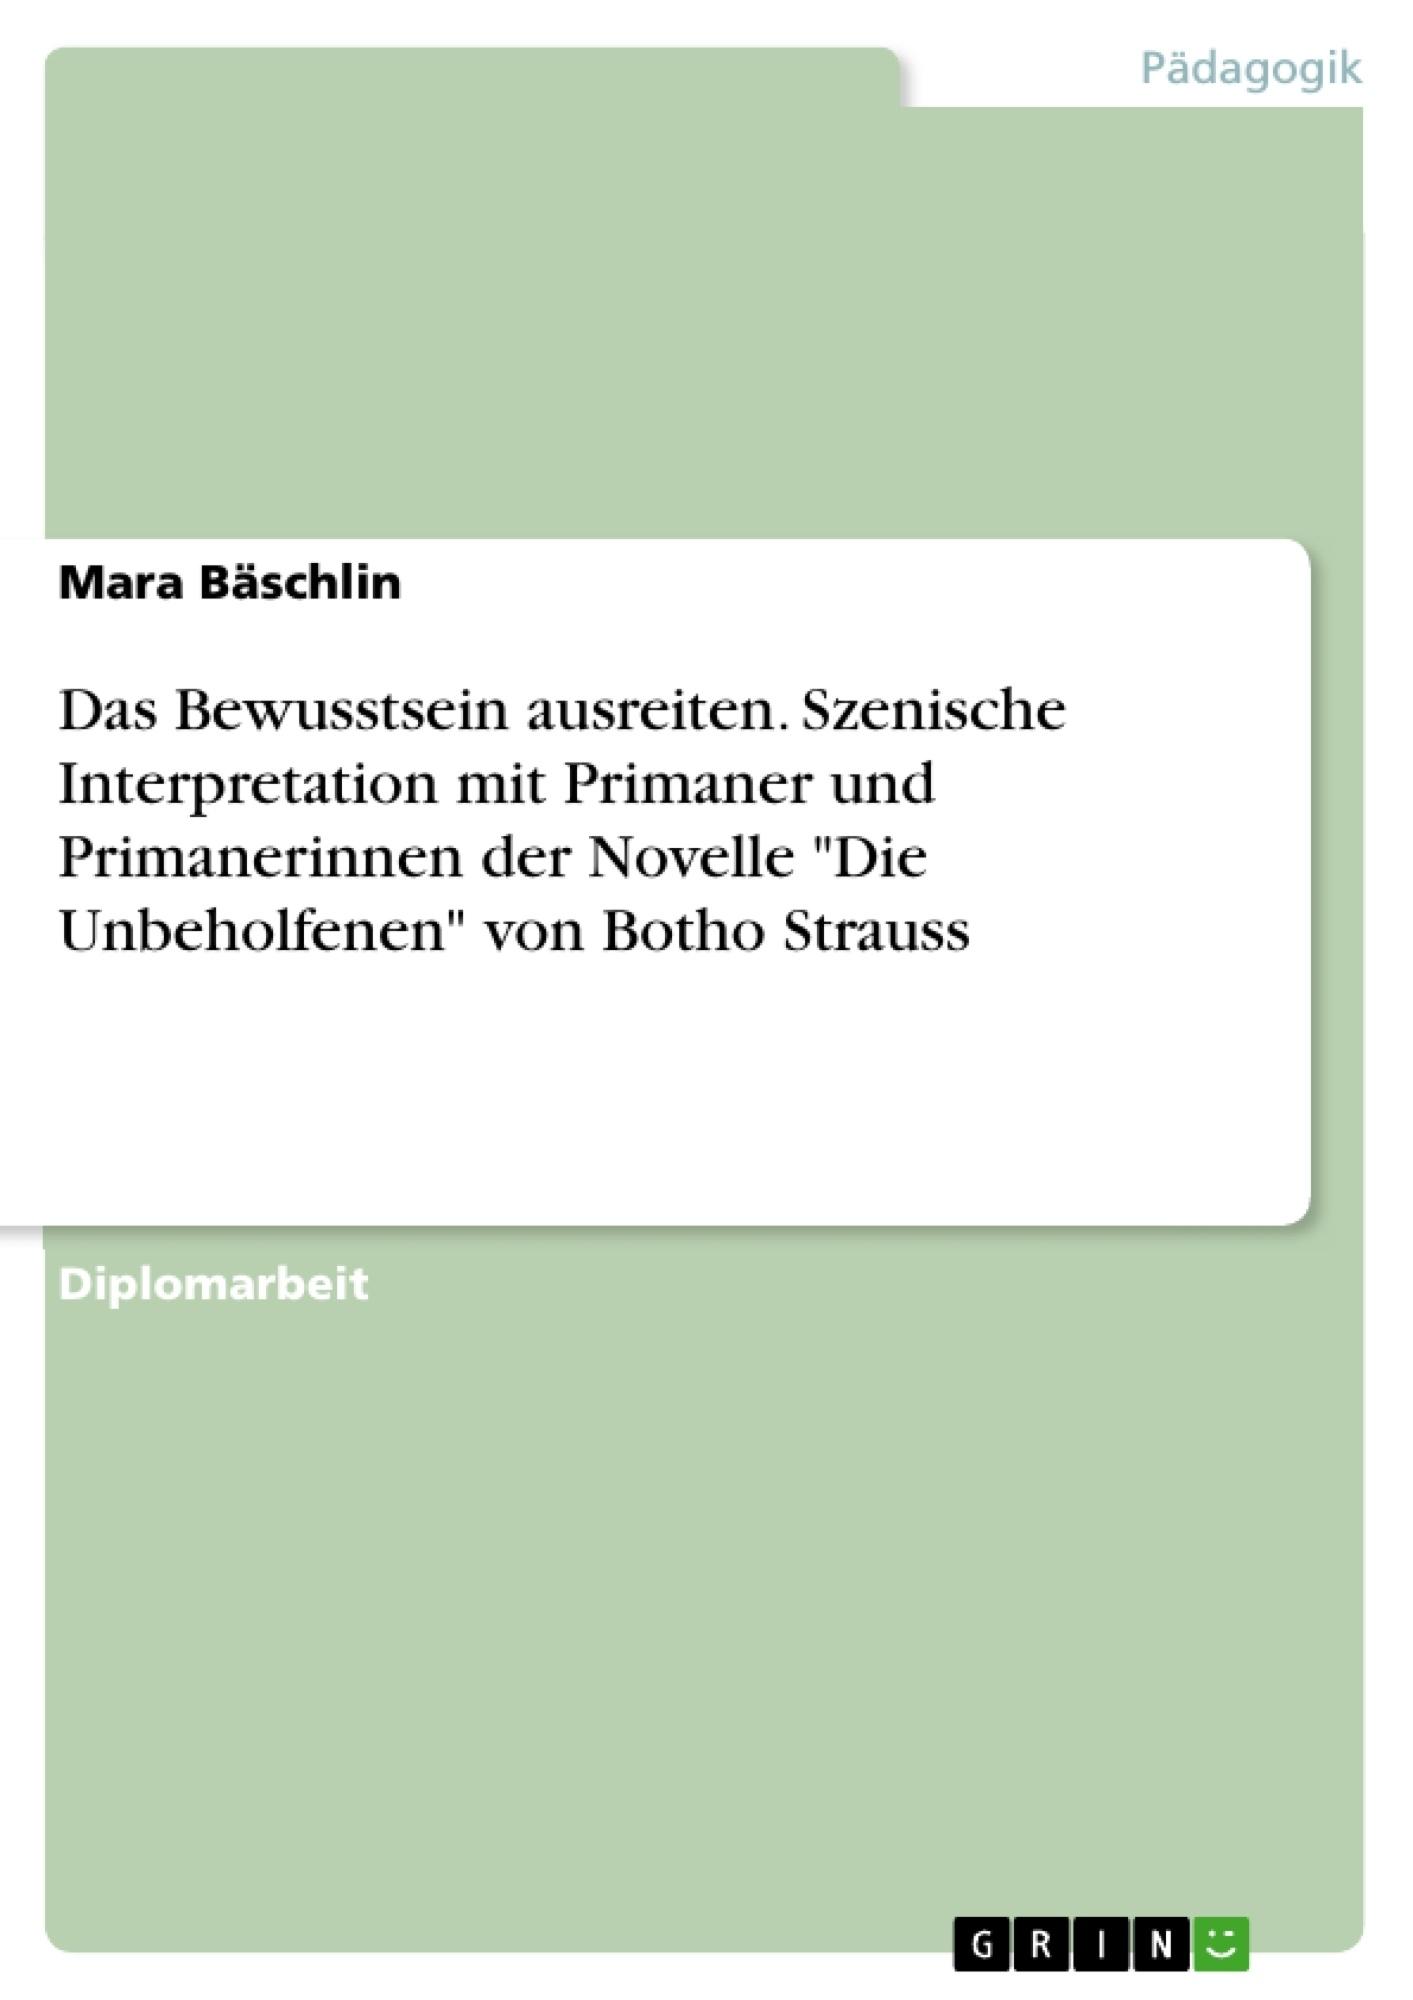 """Titel: Das Bewusstsein ausreiten. Szenische Interpretation mit Primaner und Primanerinnen der Novelle """"Die Unbeholfenen"""" von Botho Strauss"""